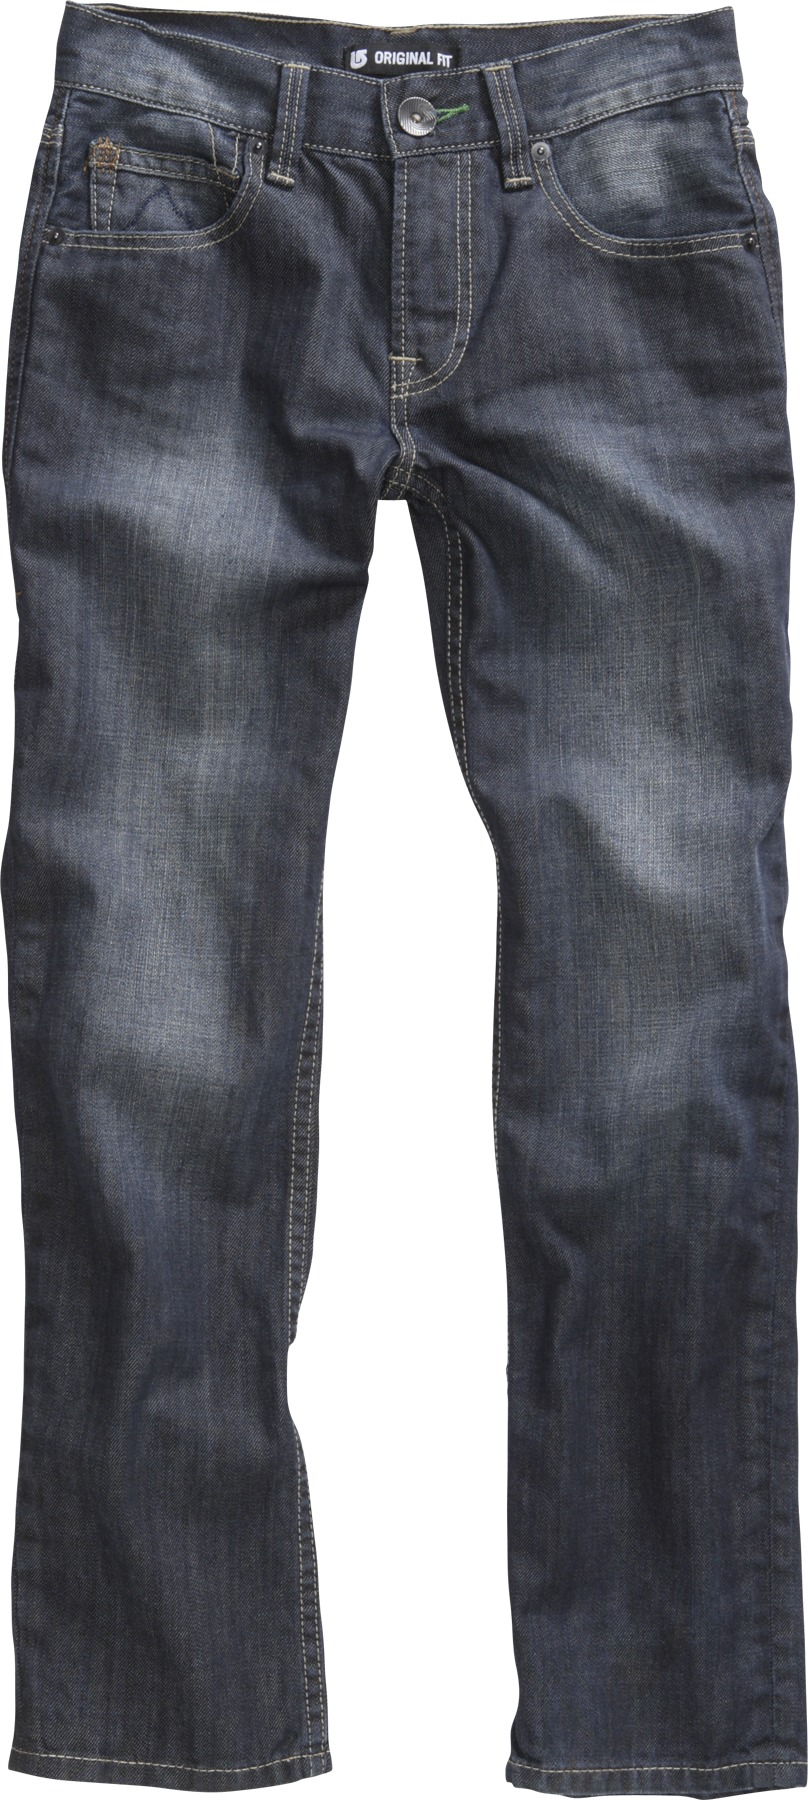 Dziecięce Spodnie Burton Boys Original Fit (Washed Indigo)